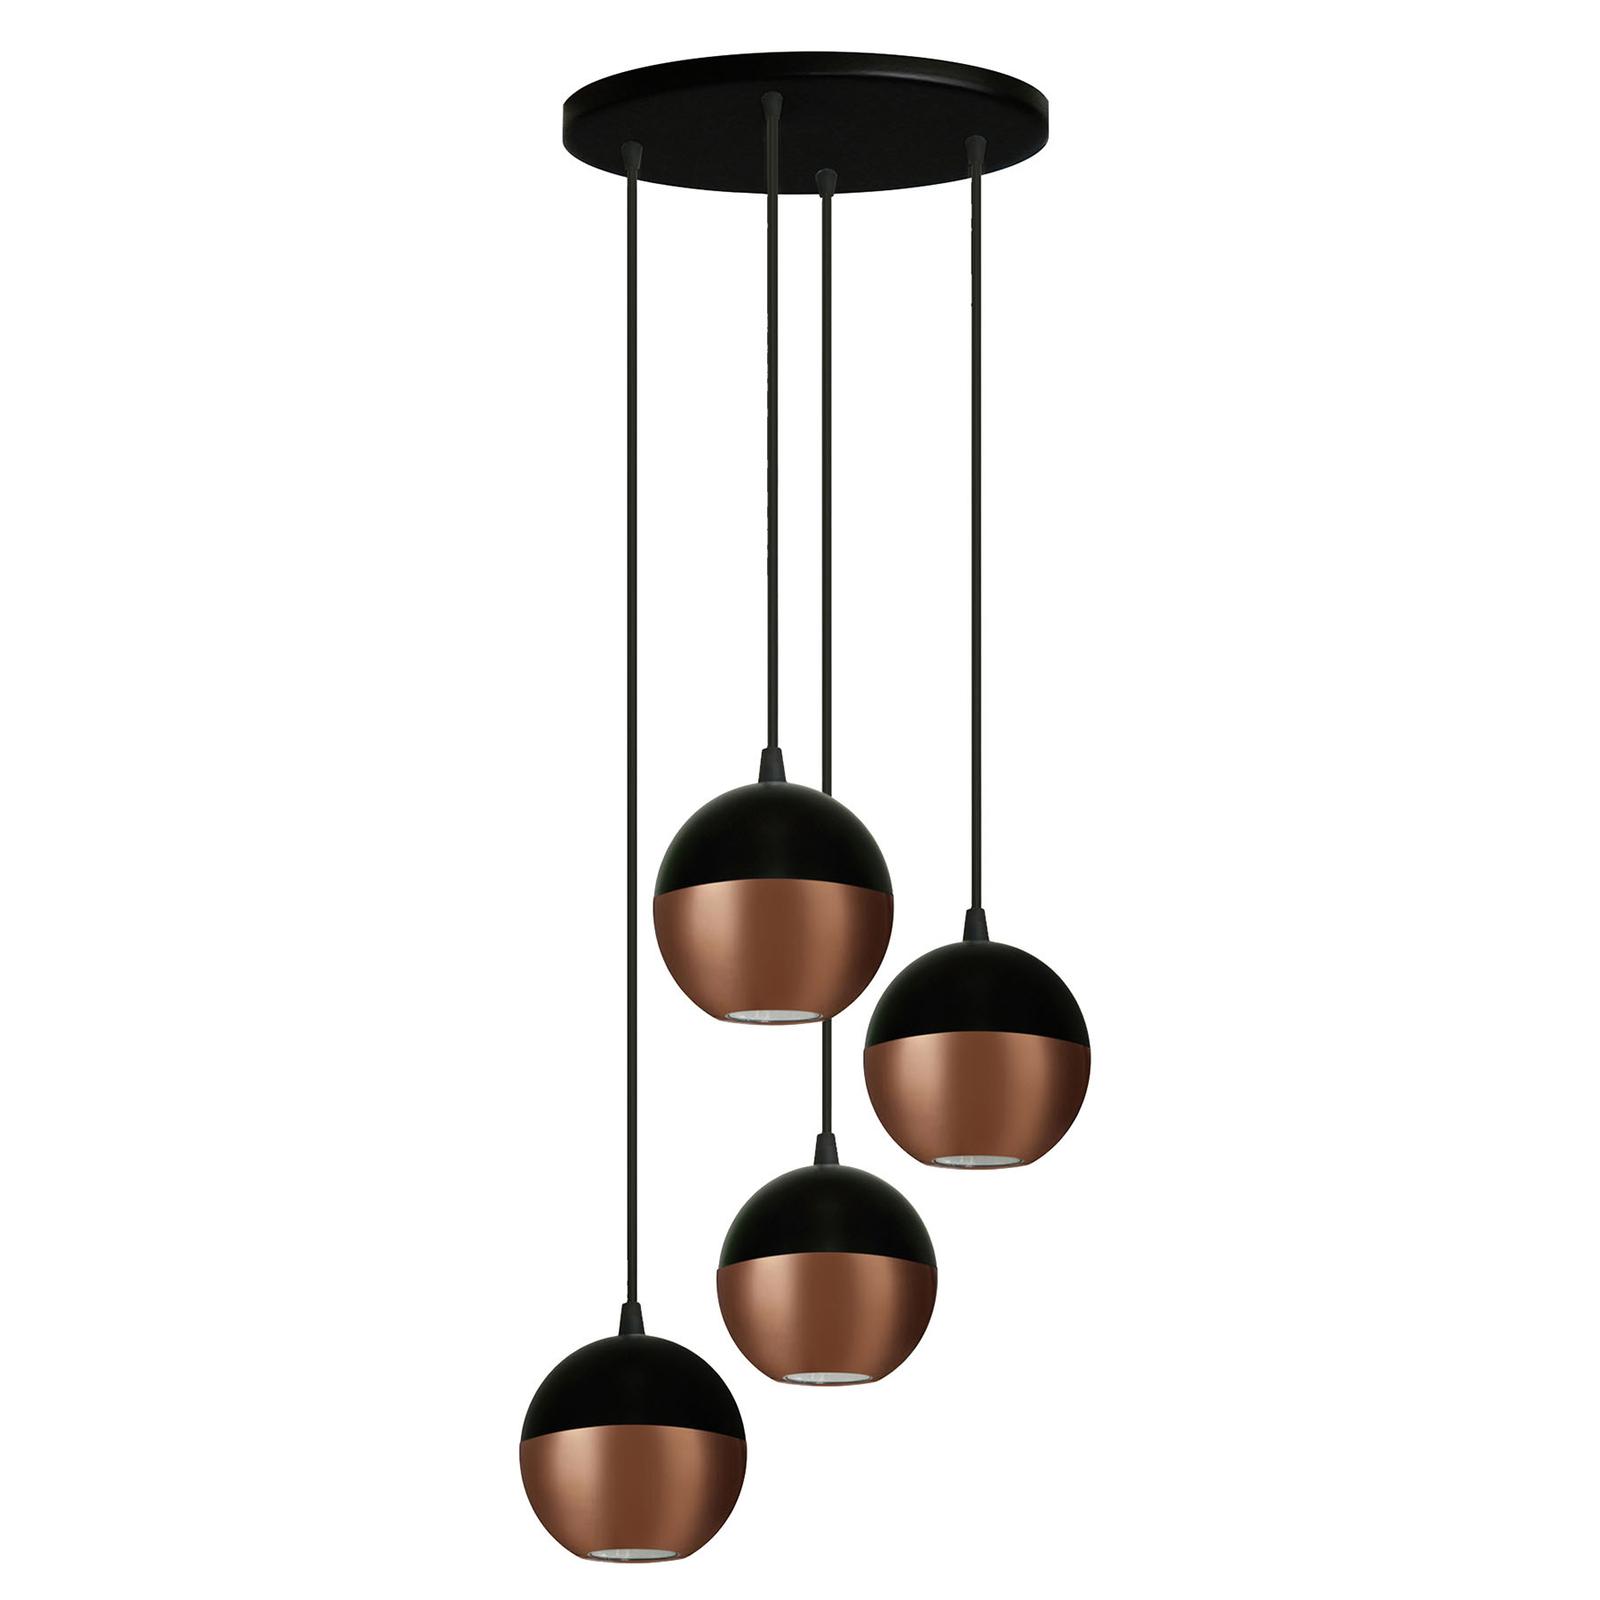 Suspension Midway en noir/cuivré à 4 lampes ronde